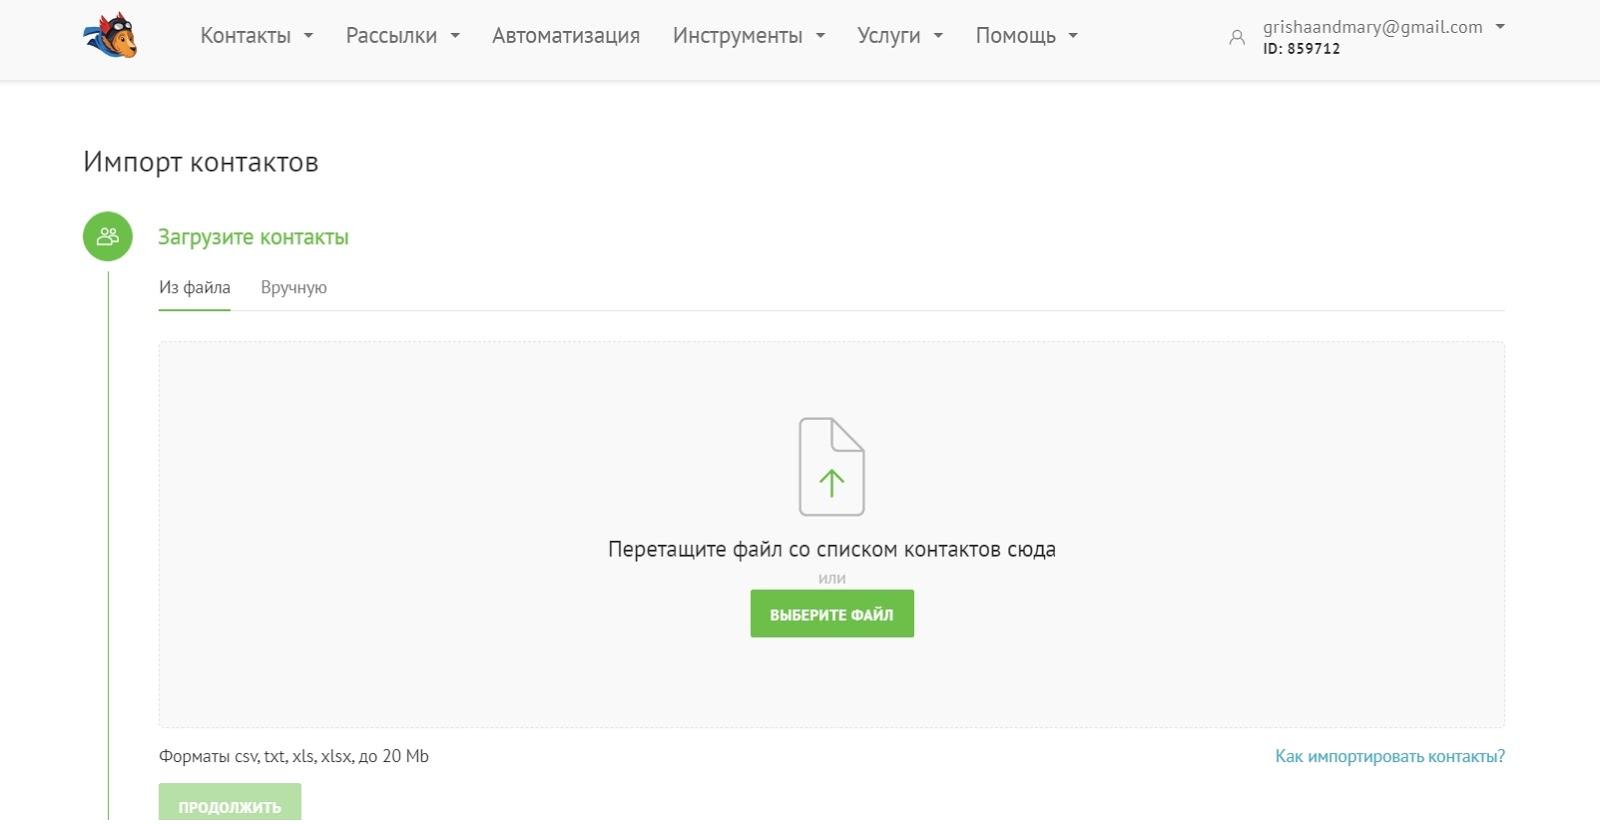 Импорт контактов в UniSender